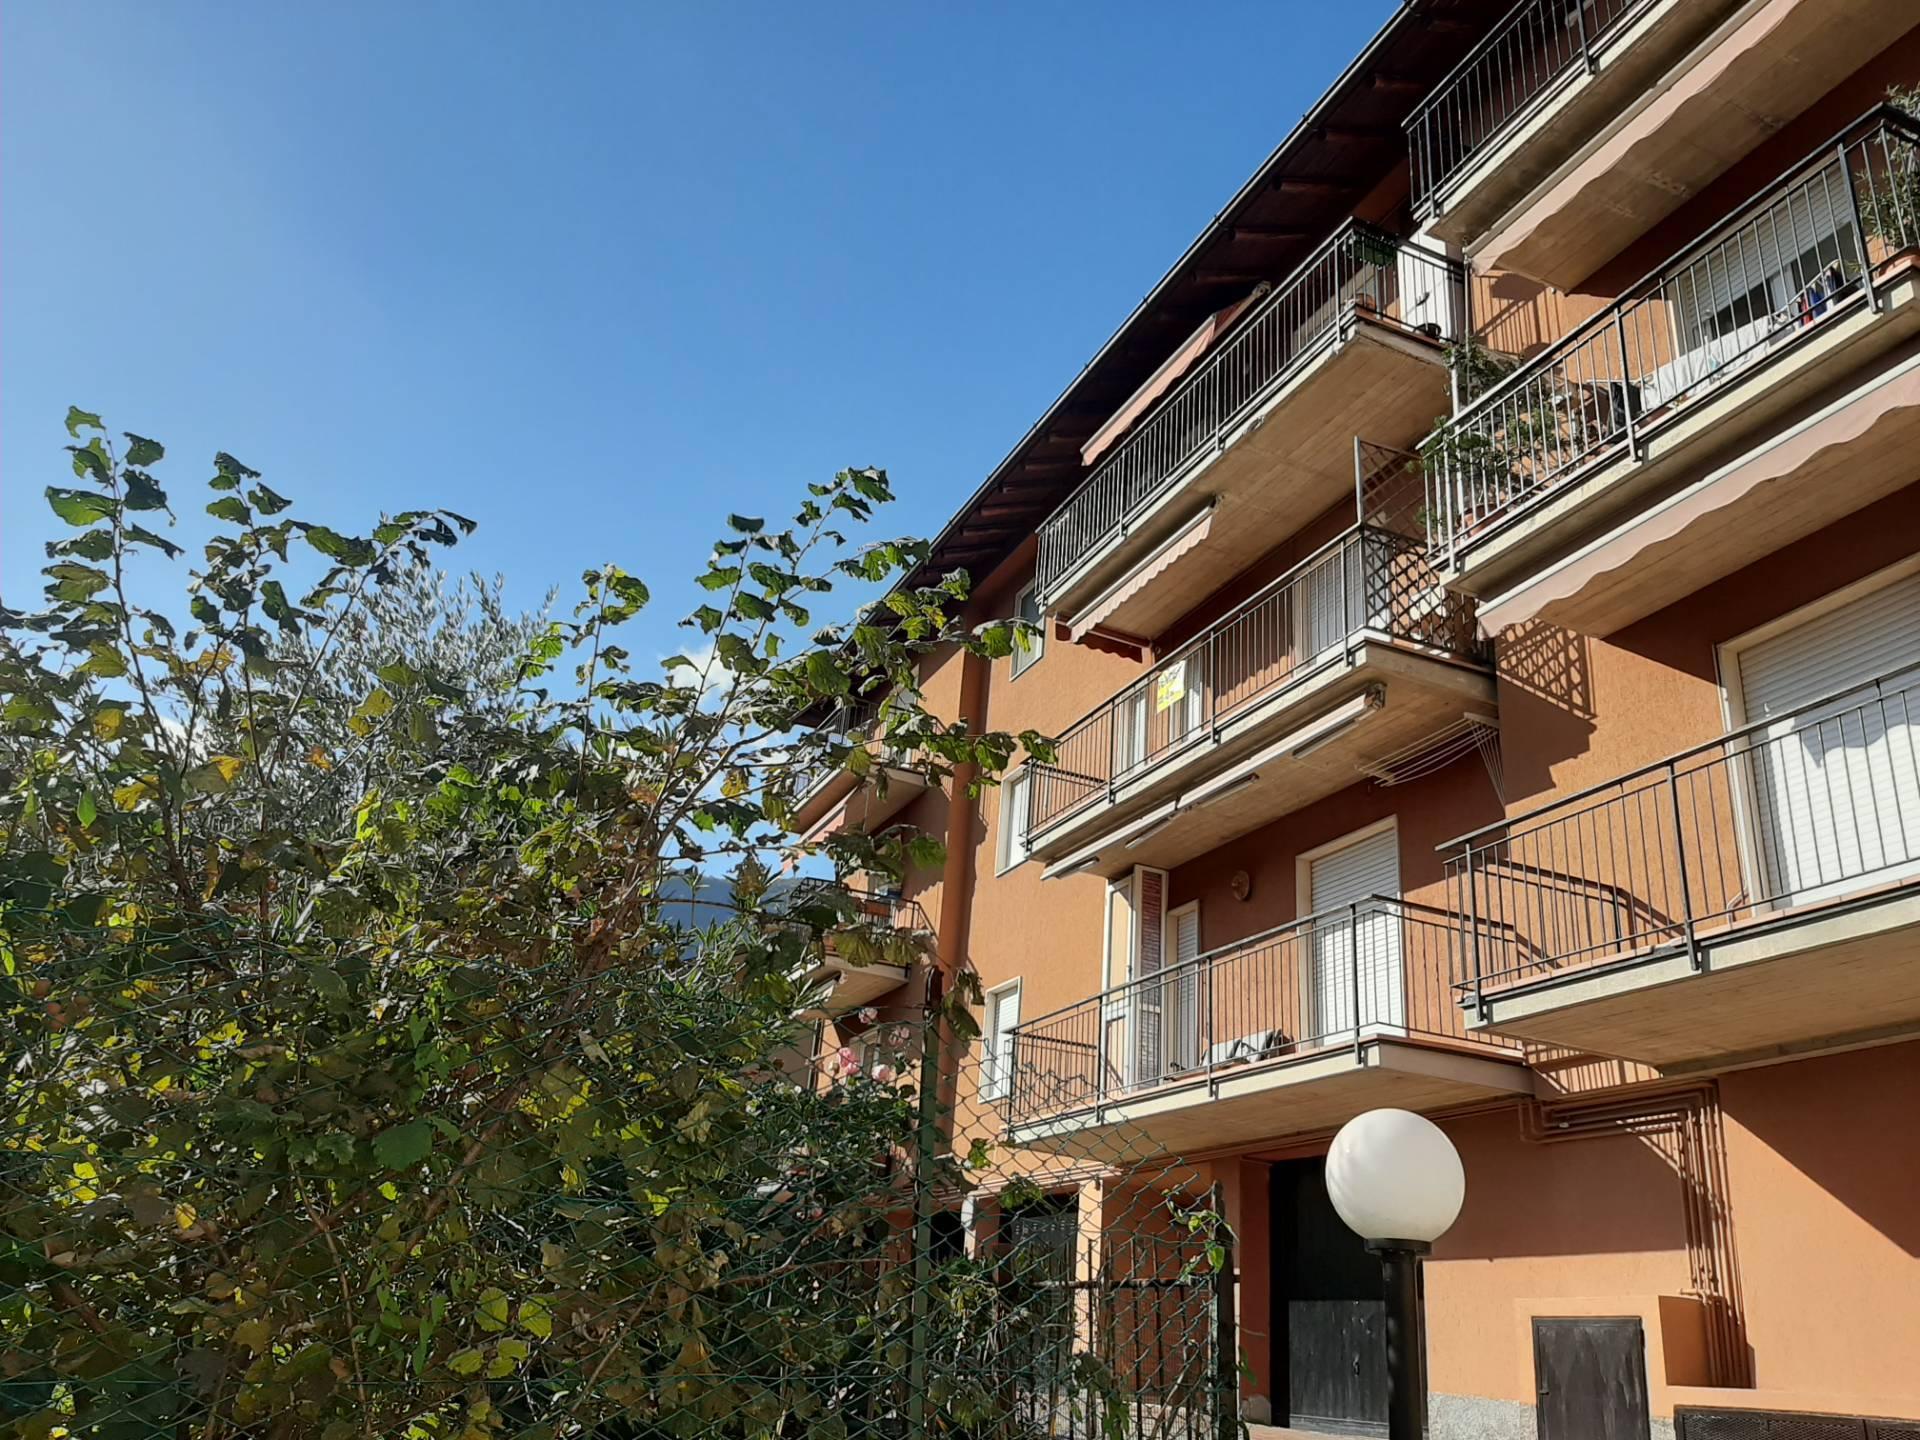 Appartamento in vendita a Albino, 2 locali, zona Località: BondoPetello, prezzo € 75.000   PortaleAgenzieImmobiliari.it